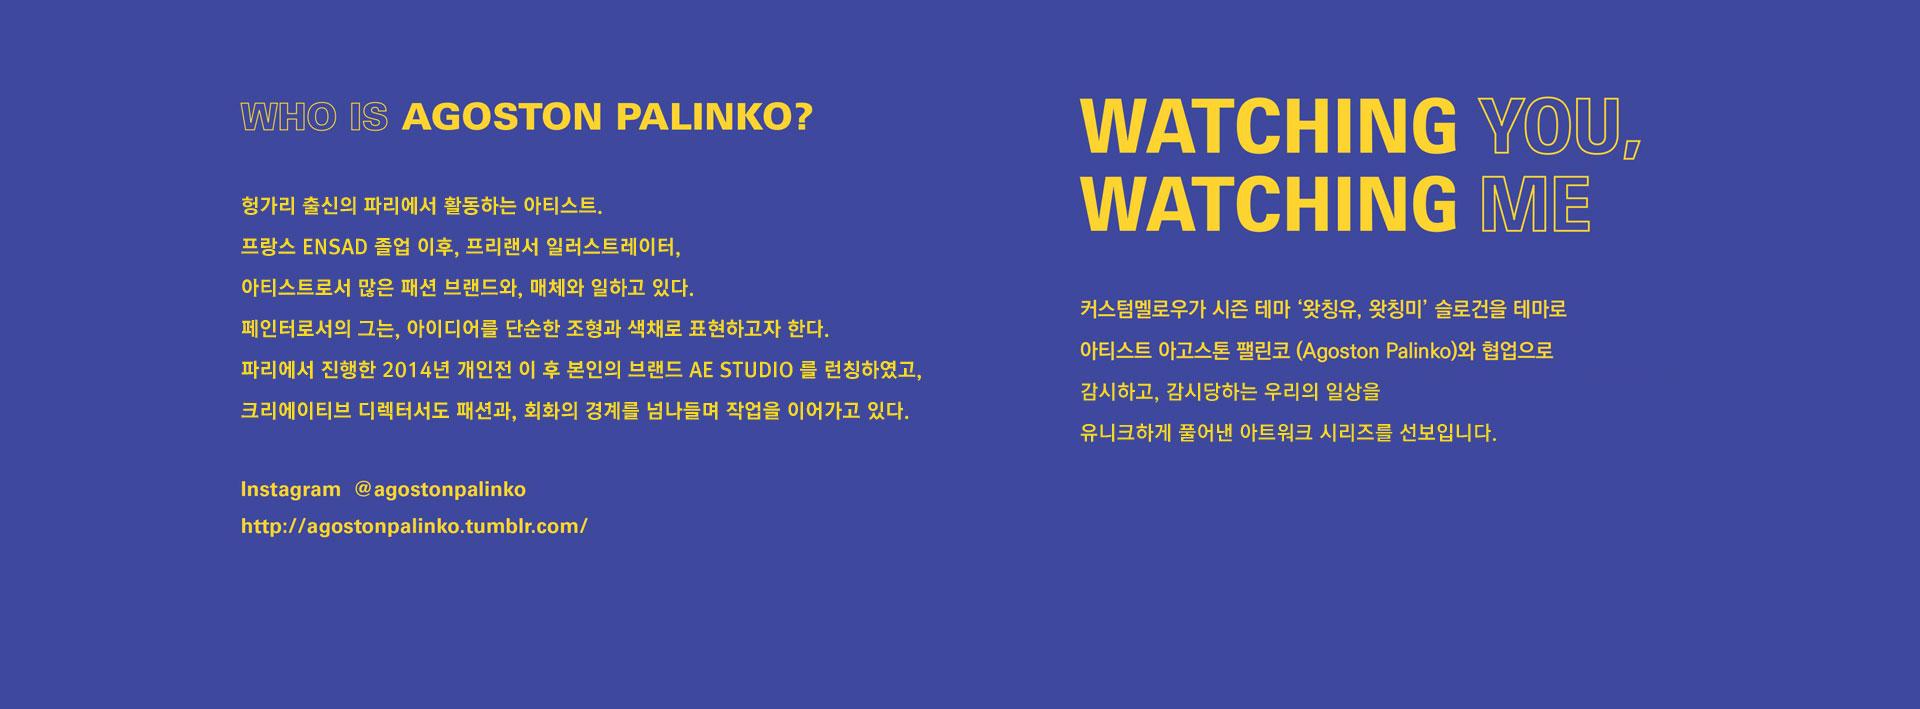 WHO IS AGOSTON PALINKO?